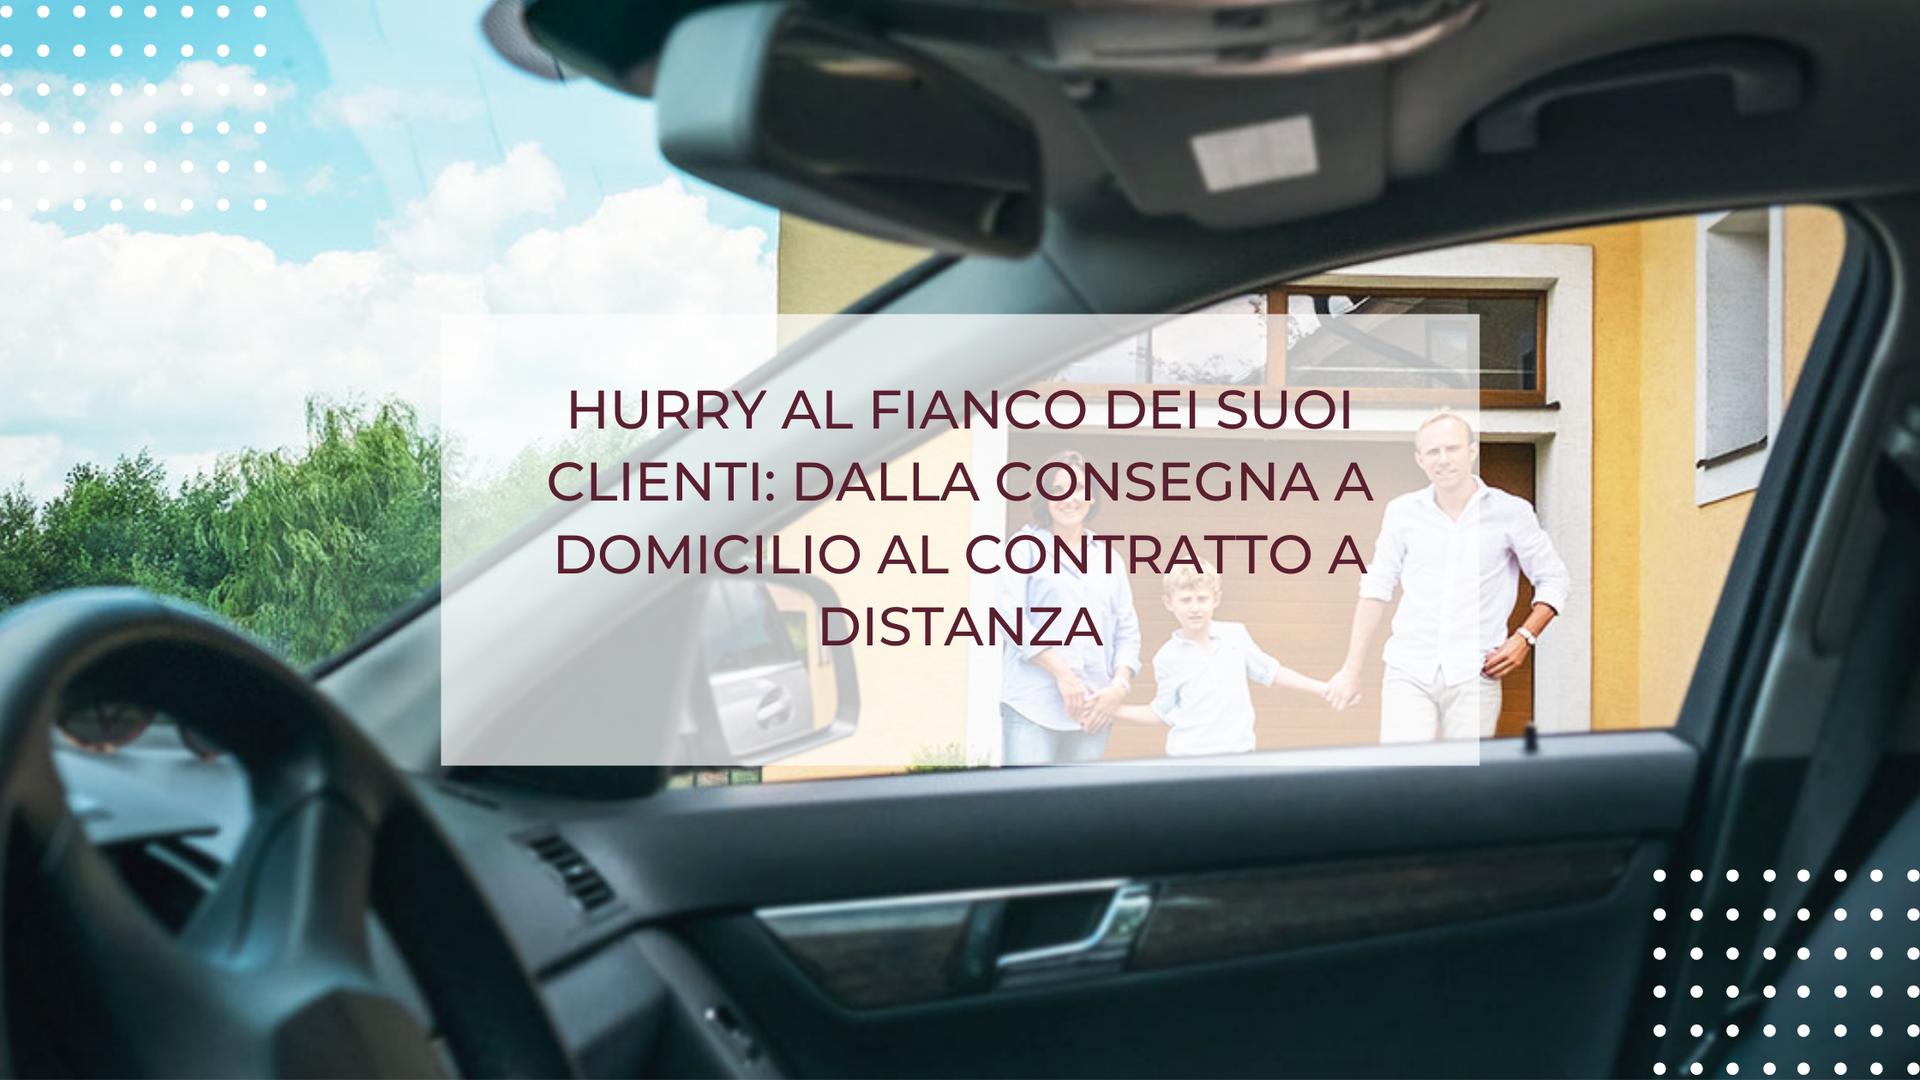 HURRY AL FIANCO DEI SUOI CLIENTI: DALLA CONSEGNA DELL'AUTO A DOMICILIO AL CONTRATTO A DISTANZA